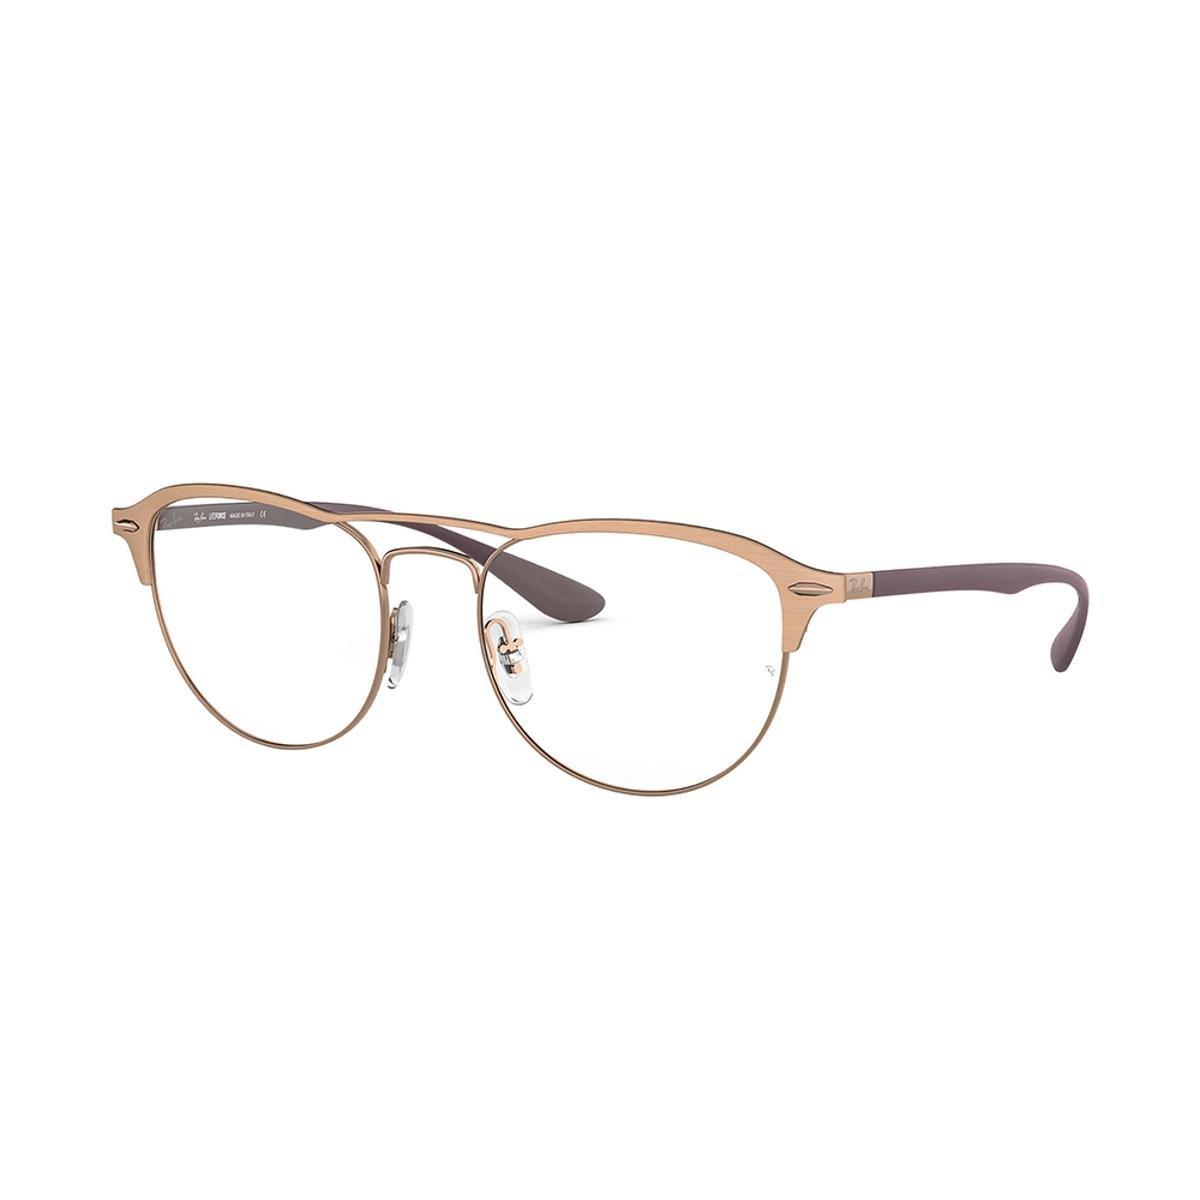 e86f7ab797a1a Armação de Óculos Ray-Ban RB3596 Feminina - Marrom - Compre Agora ...